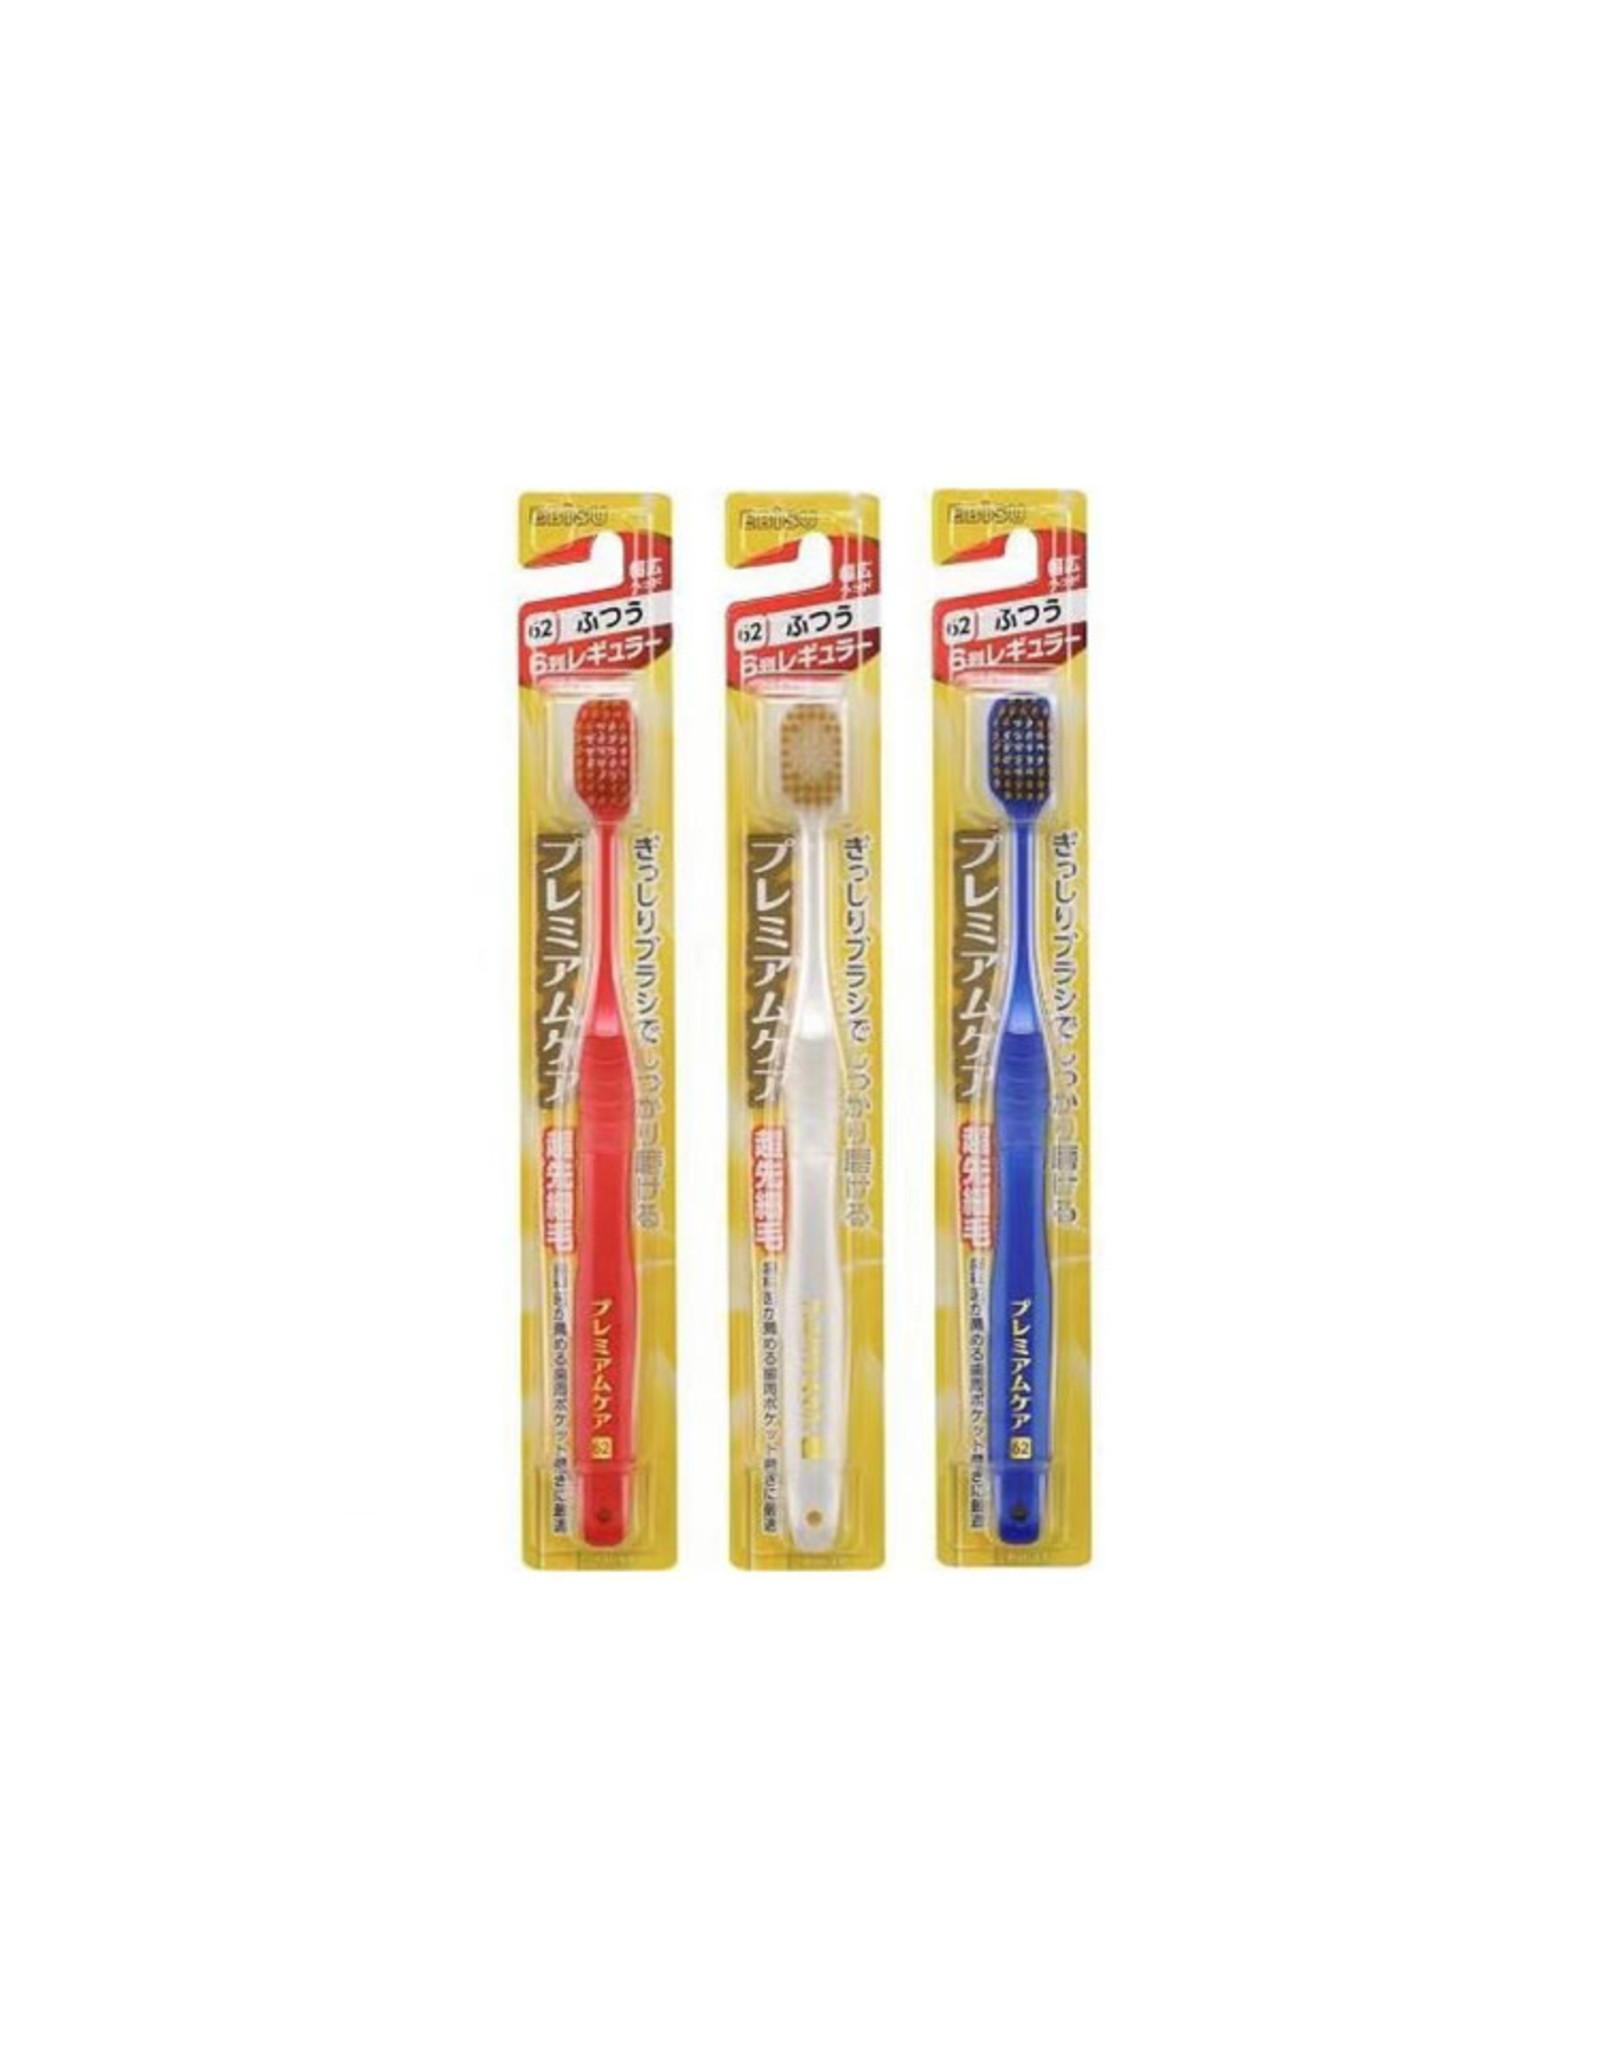 Ebisu Ebisu The Premium Care Toothbrush Series